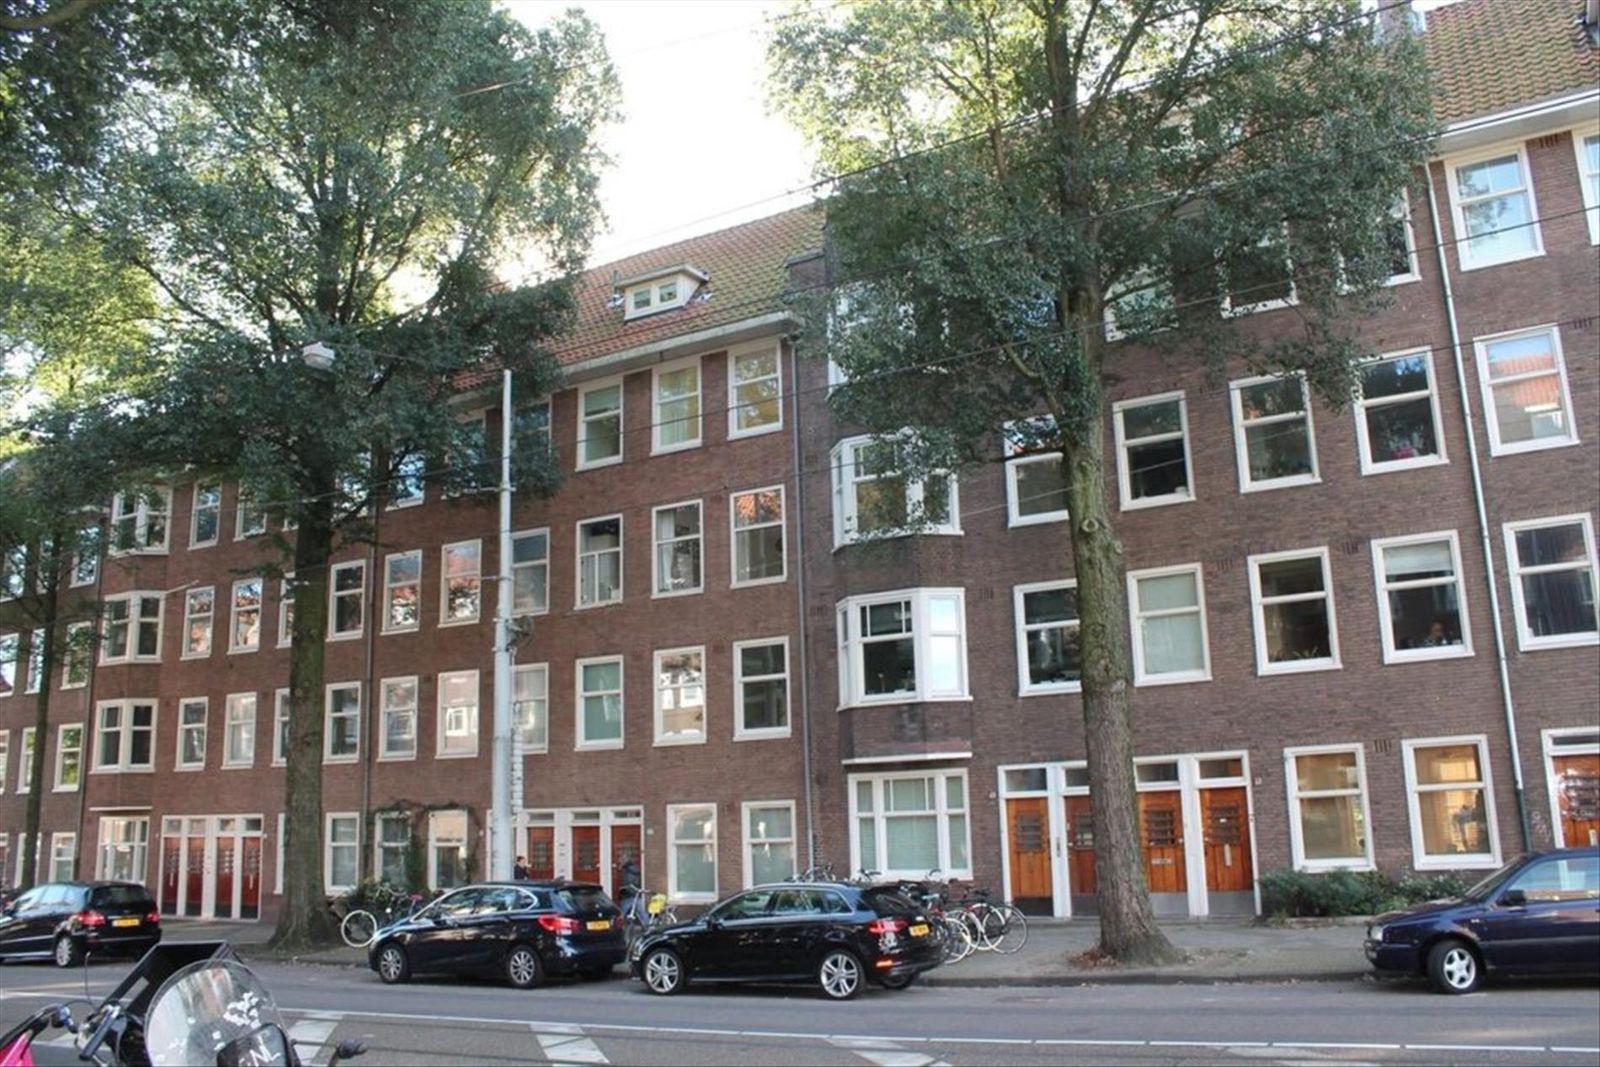 Heemstedestraat, Amsterdam